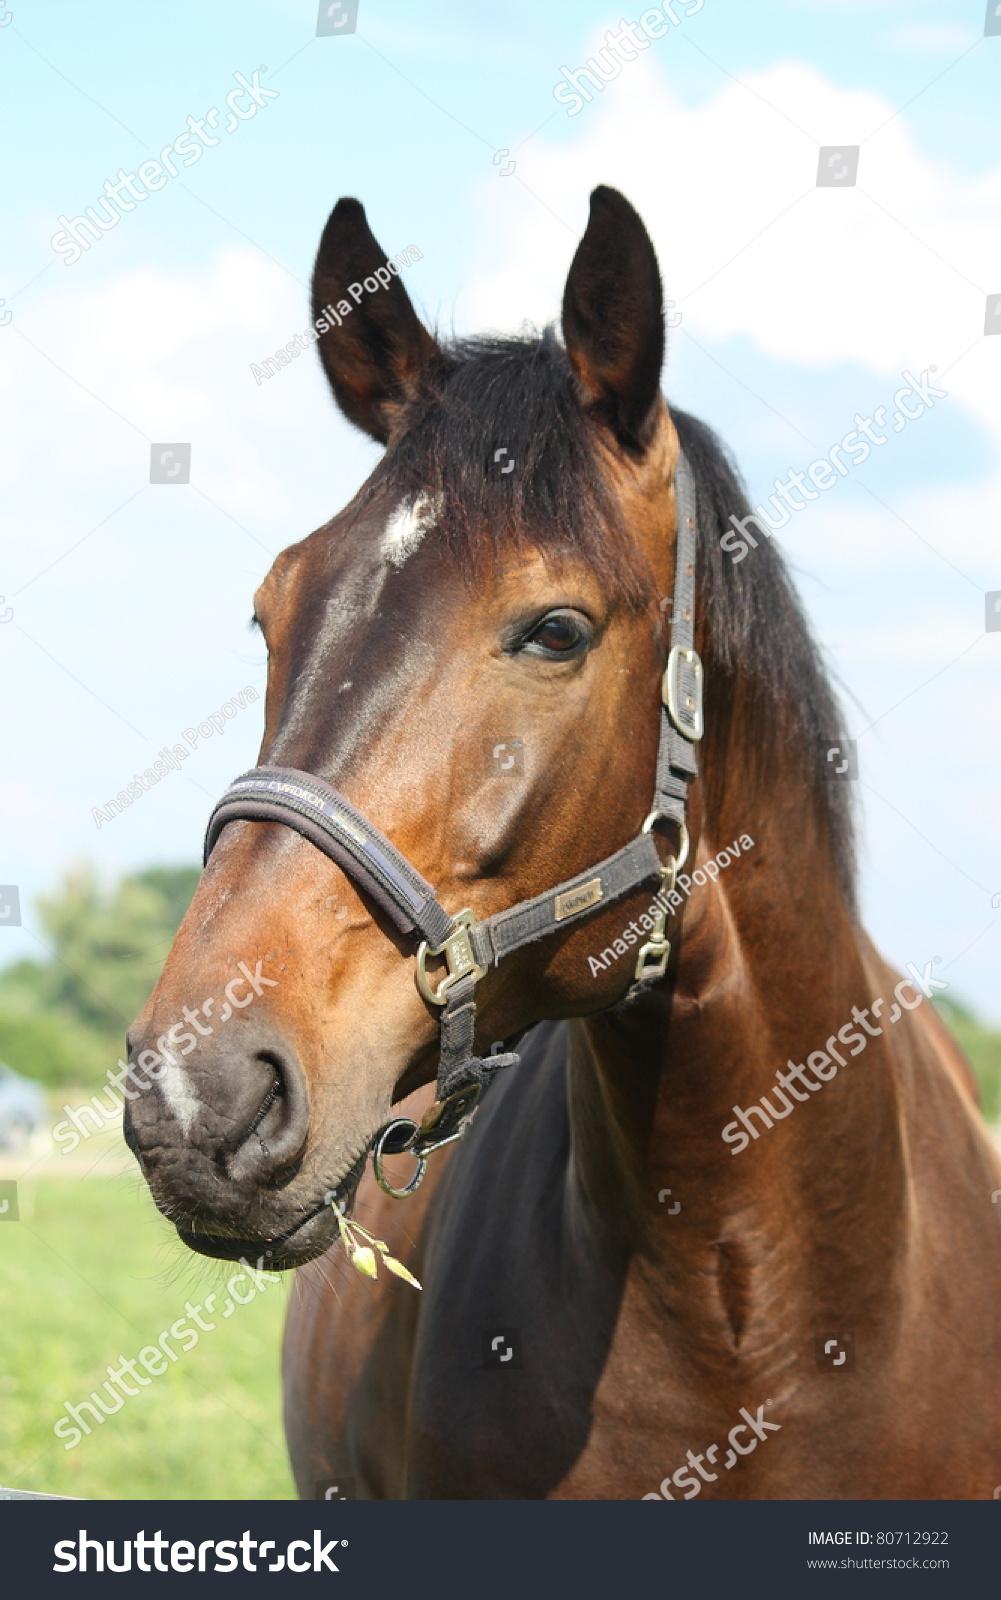 Black Horse Mane White Star